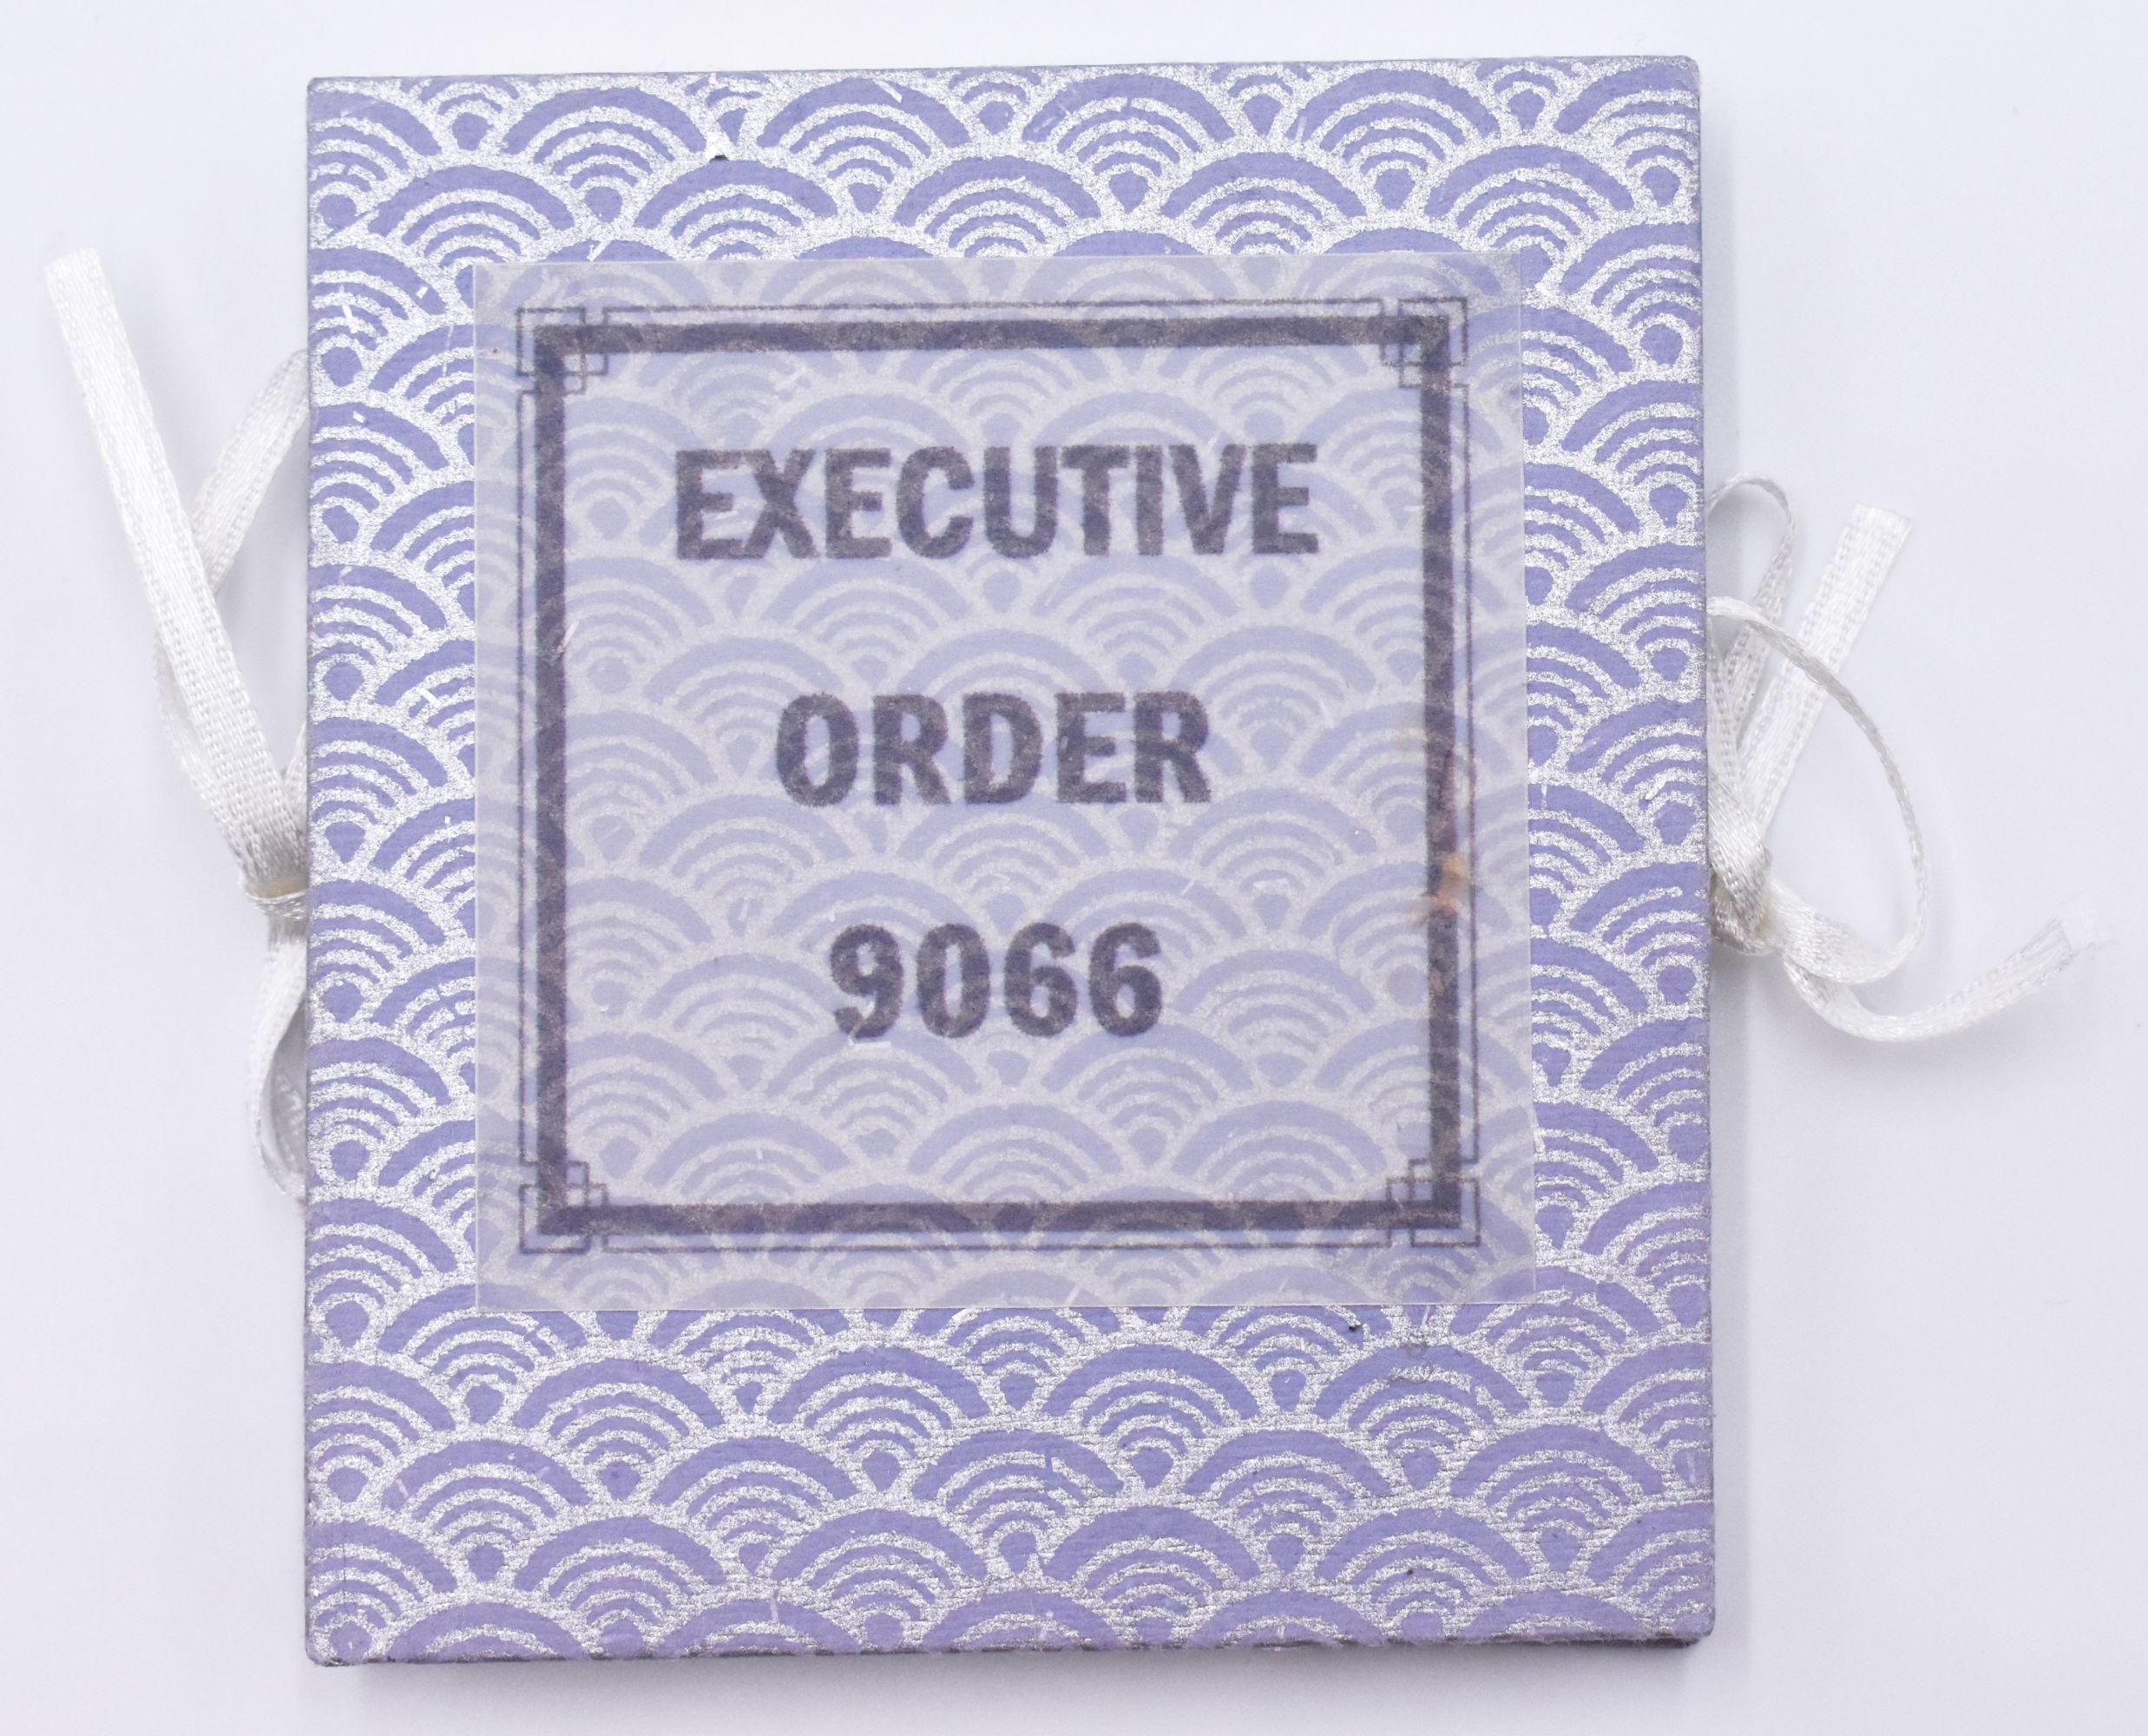 Square cover with repetitive purple & white design.